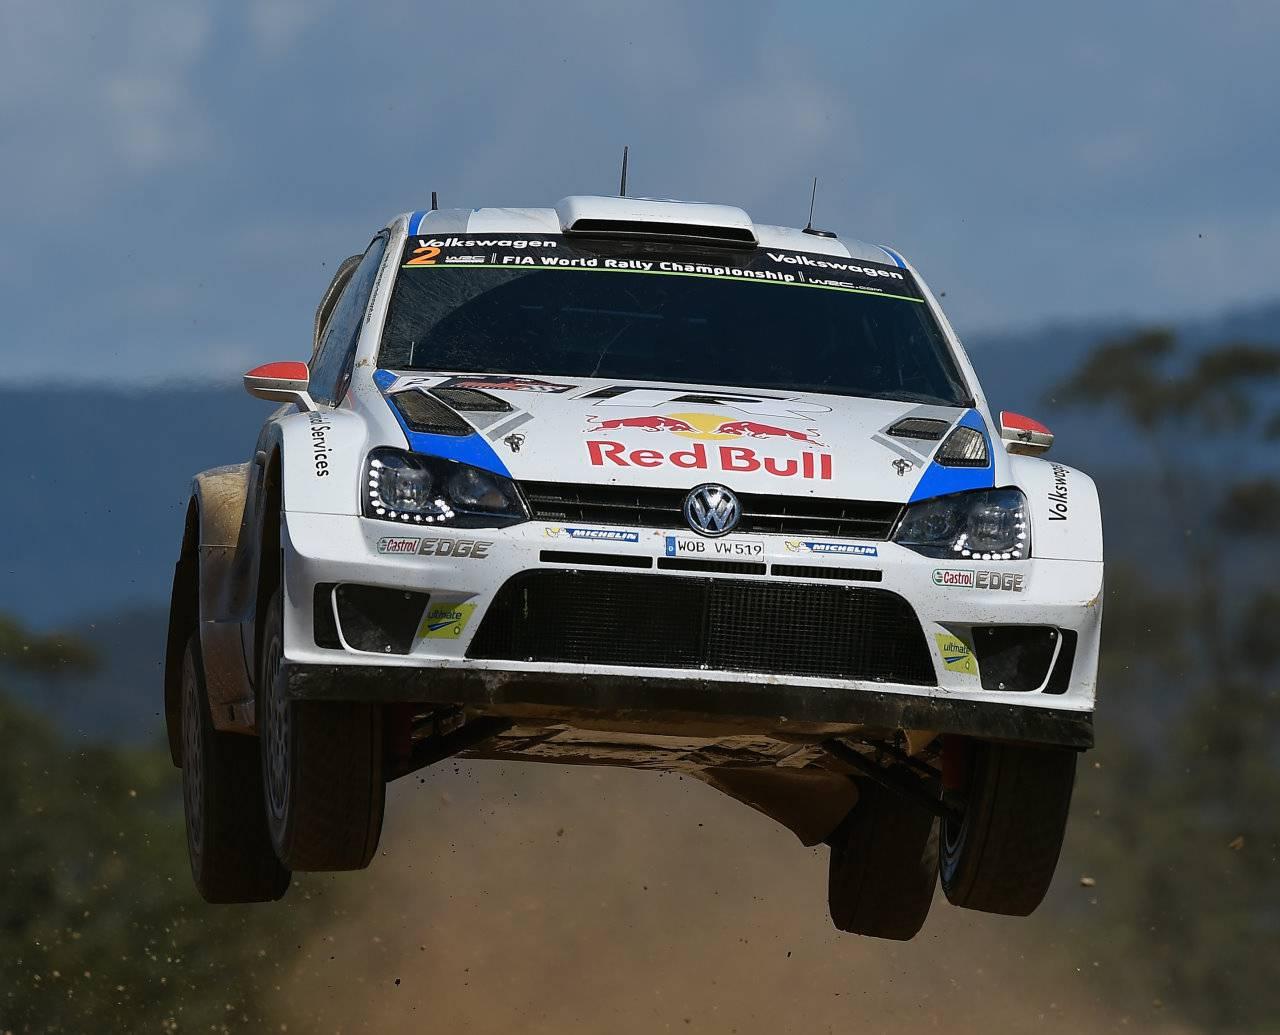 _Rallye-Weltmeisterschaft-2014-(3)